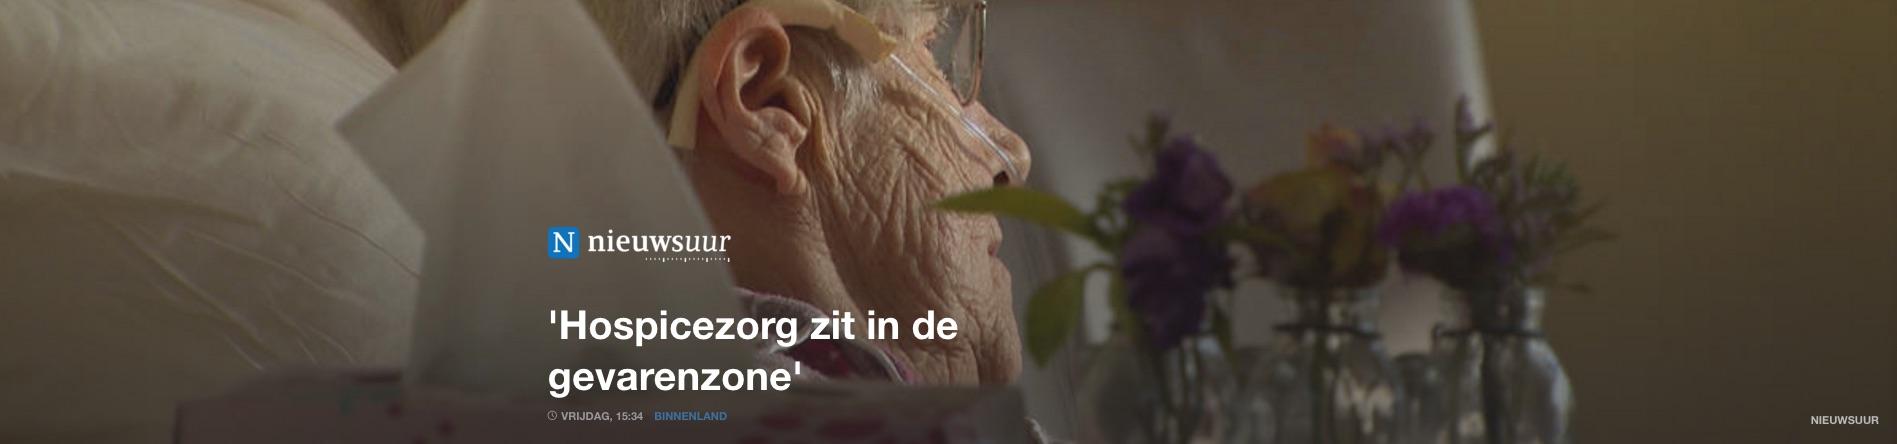 _Hospicezorg_zit_in_de_gevarenzone____Nieuwsuur